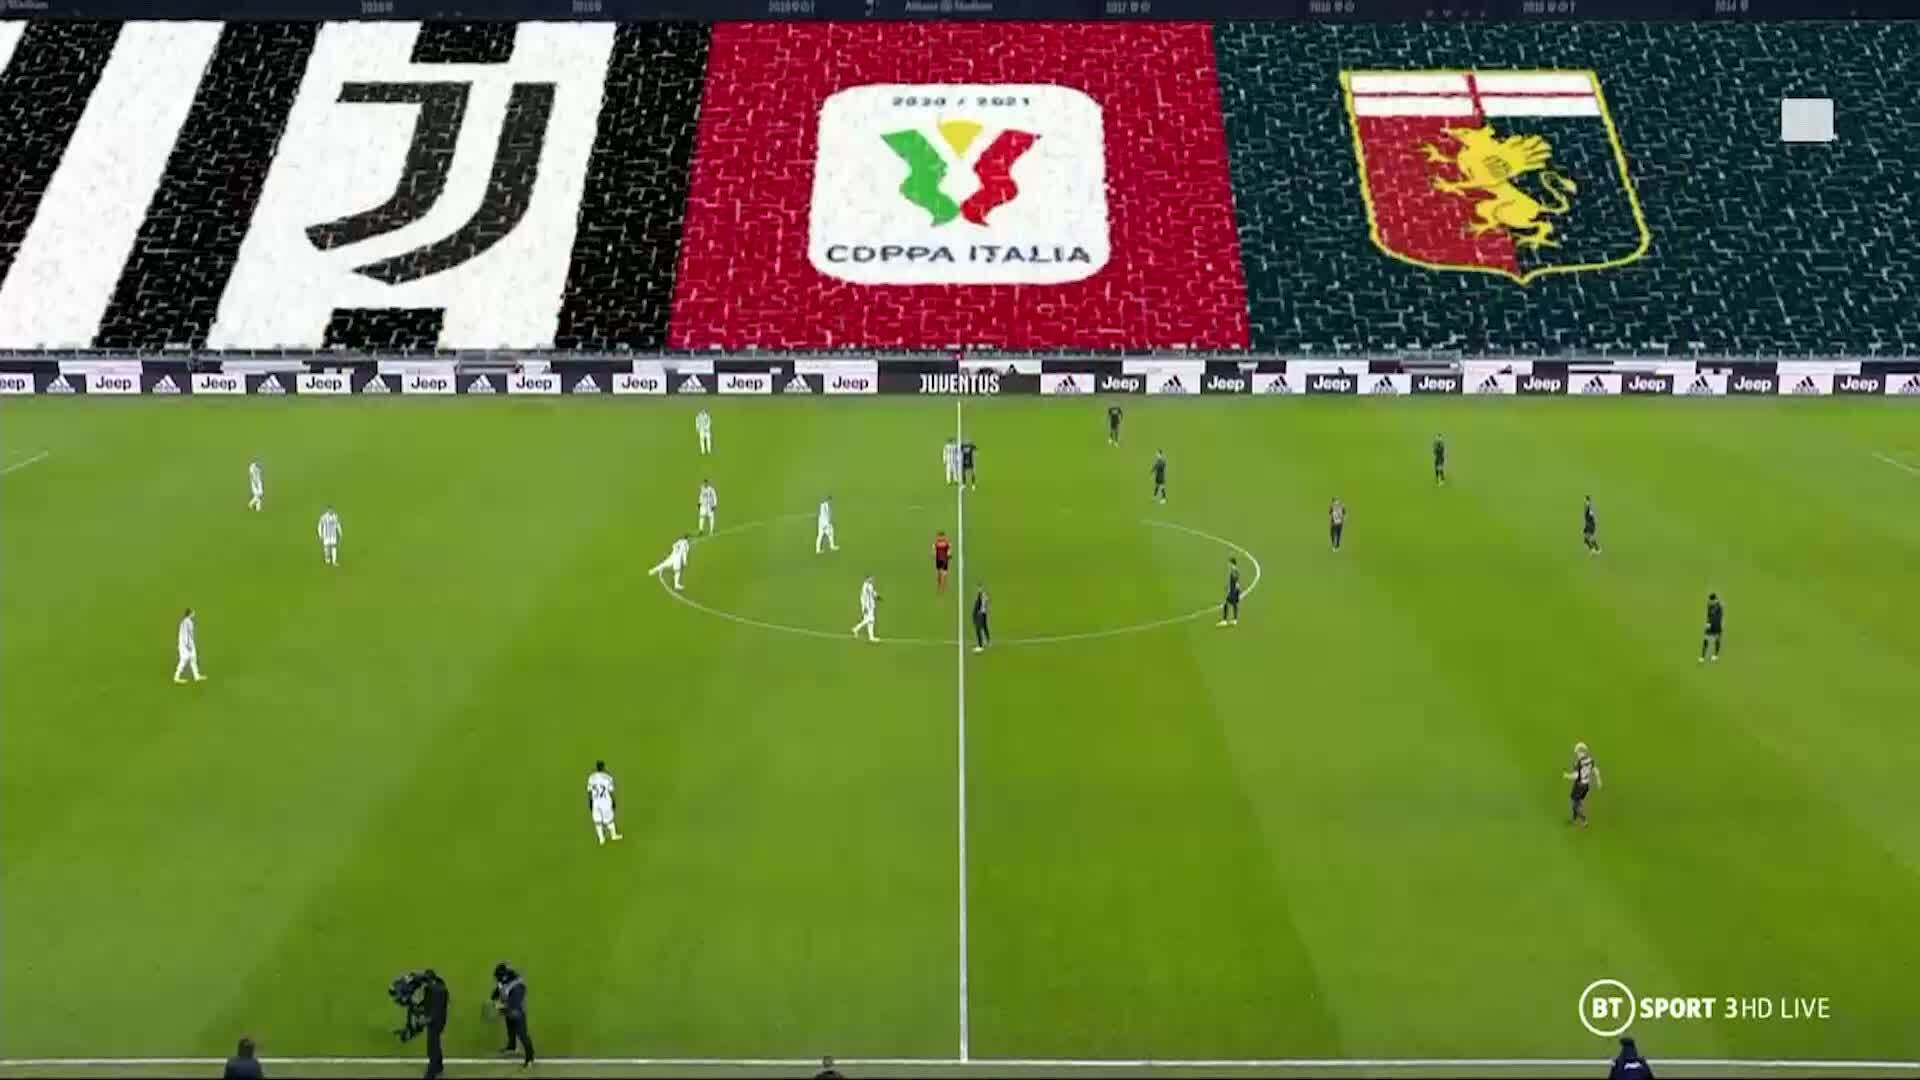 Juventus 3-2 Genoa